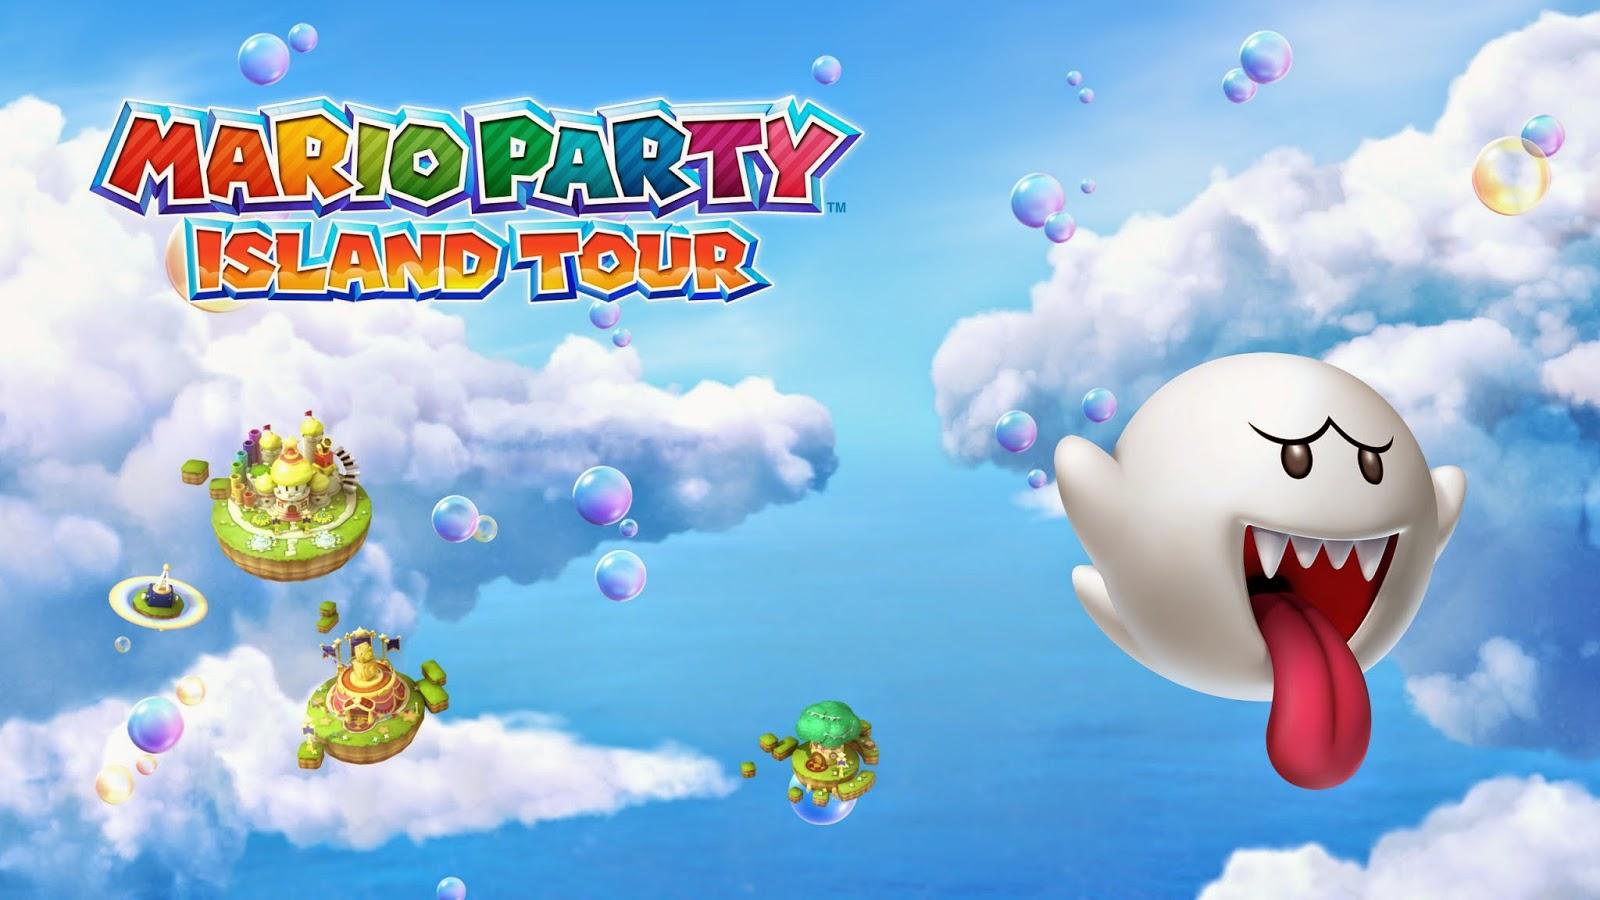 Mario Party World Tour